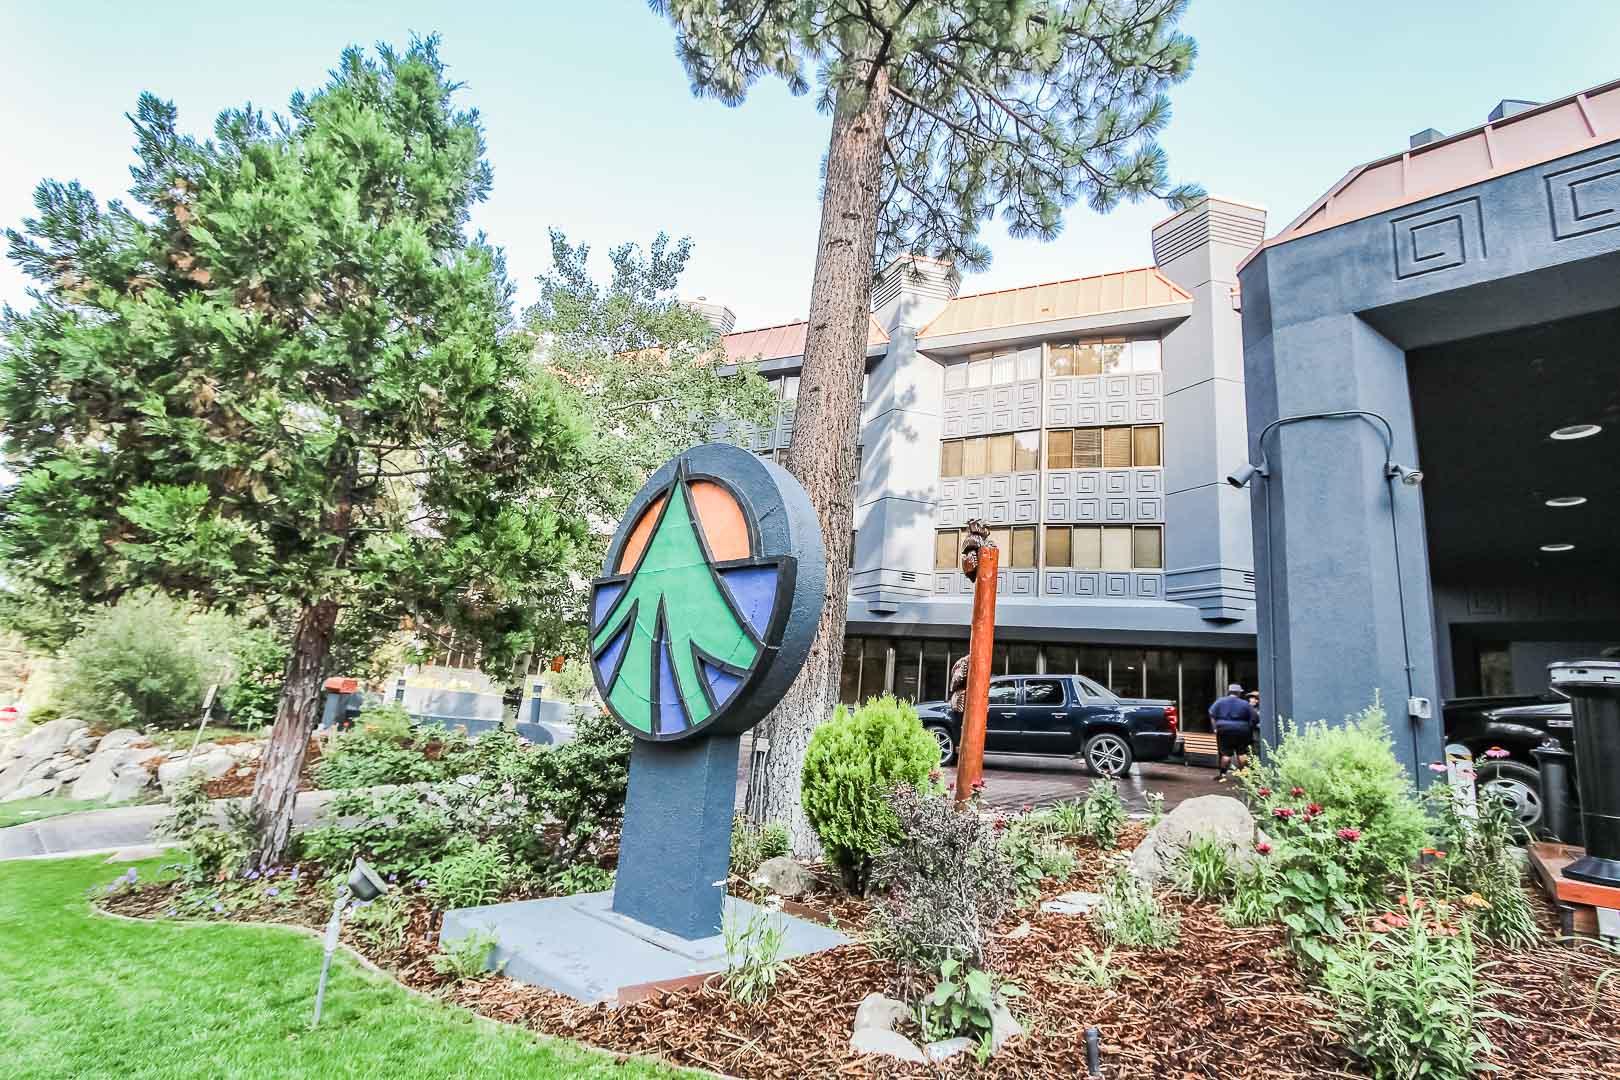 A vibrant resort signage at VRI's Tahoe Seasons Resort in California.